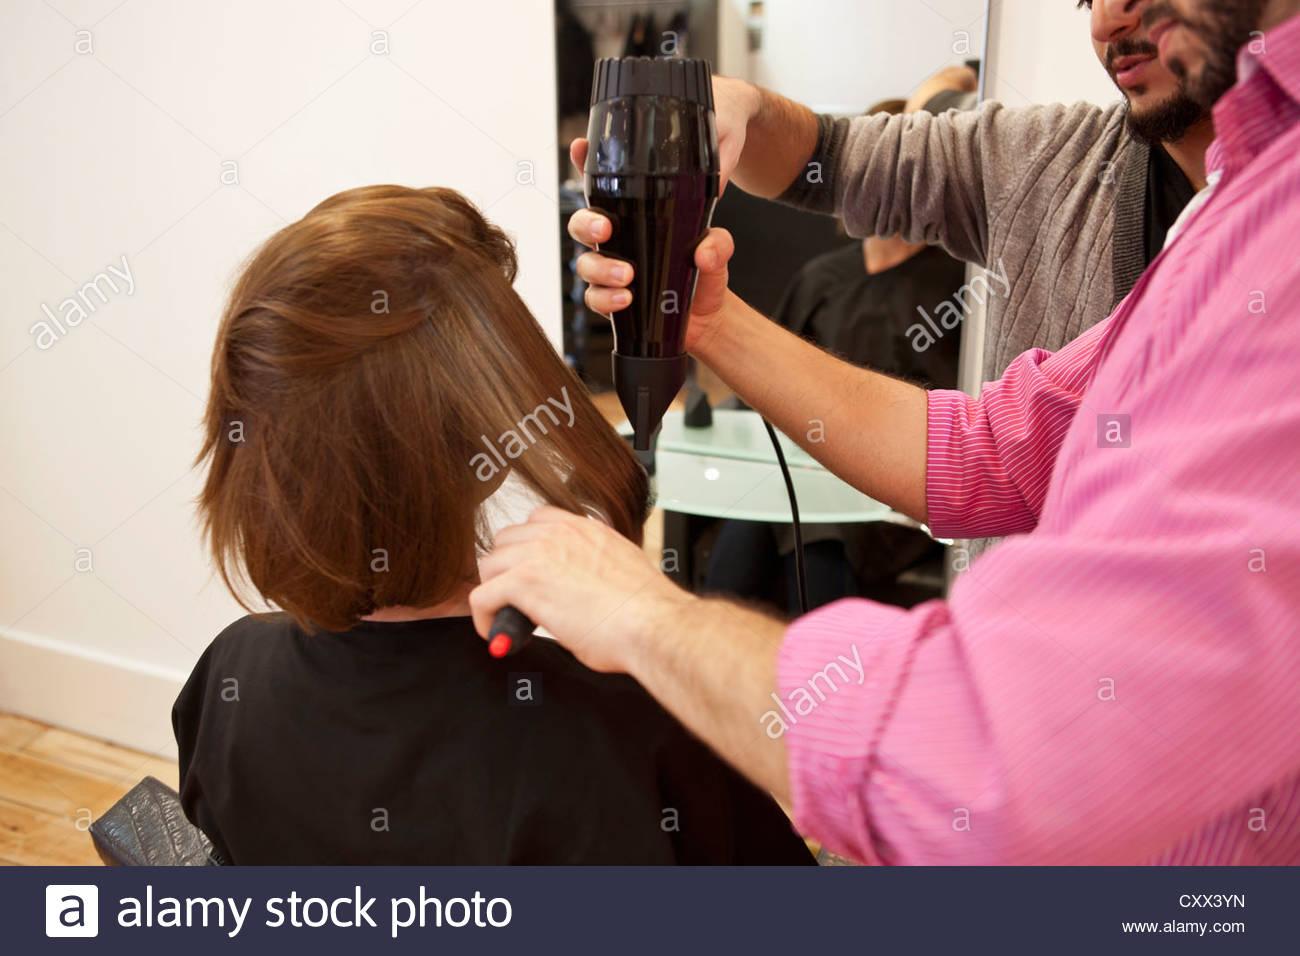 Einen weiblichen Kunden mit Föhnen in einen Friseursalon Stockbild